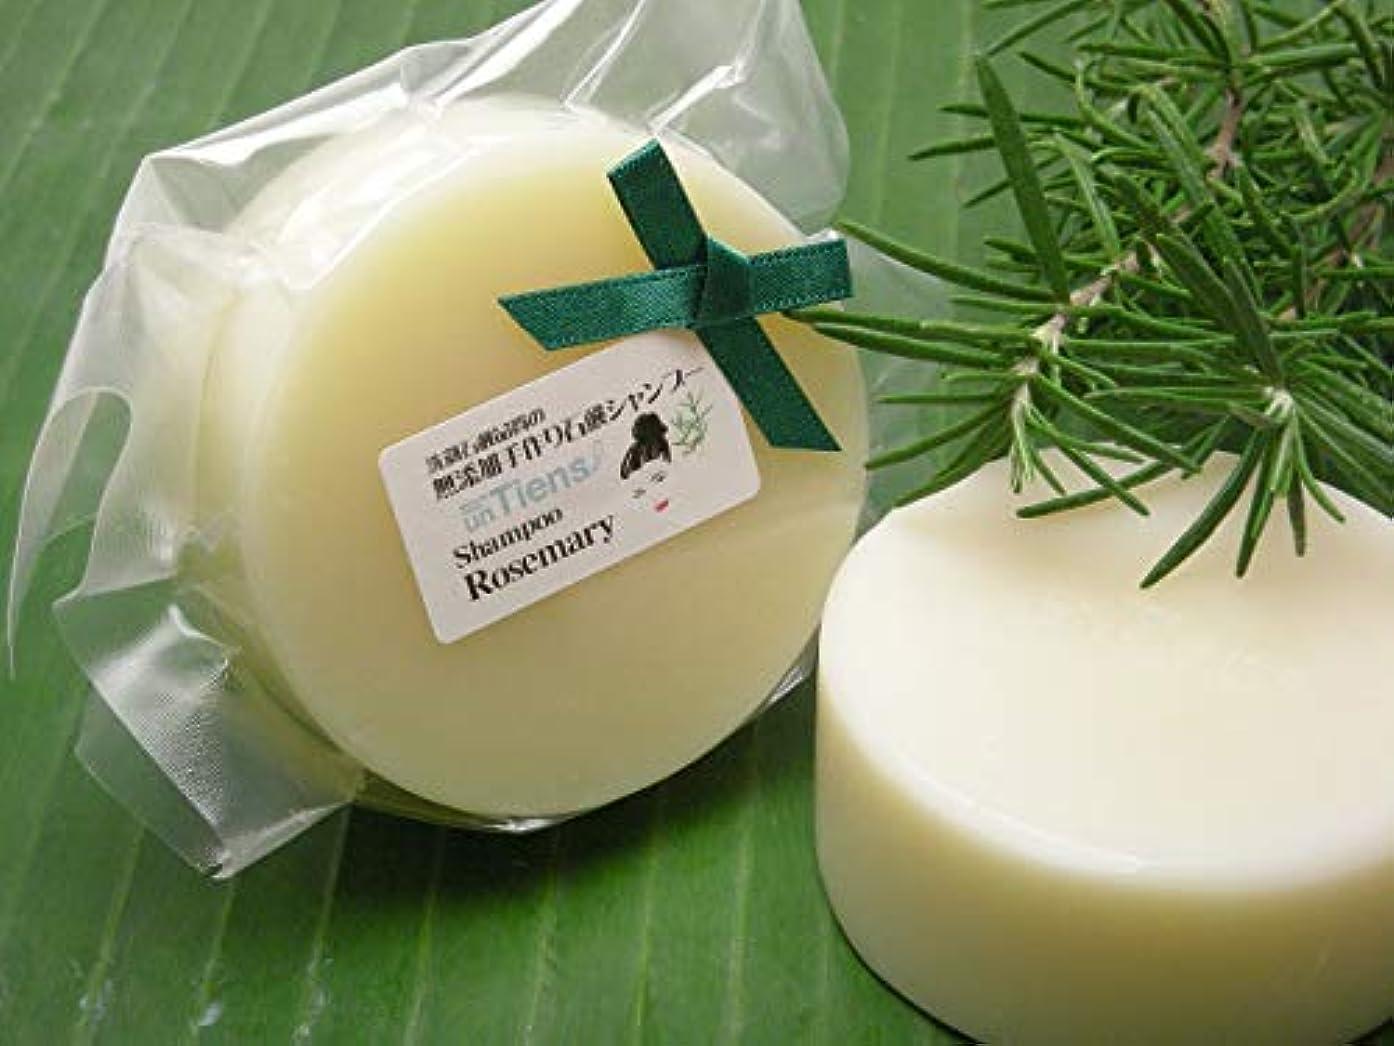 モナリザほかにネックレス洗顔石鹸品質の無添加手作り固形石鹸シャンプー 「ローズマリー」たっぷり使える丸型100g